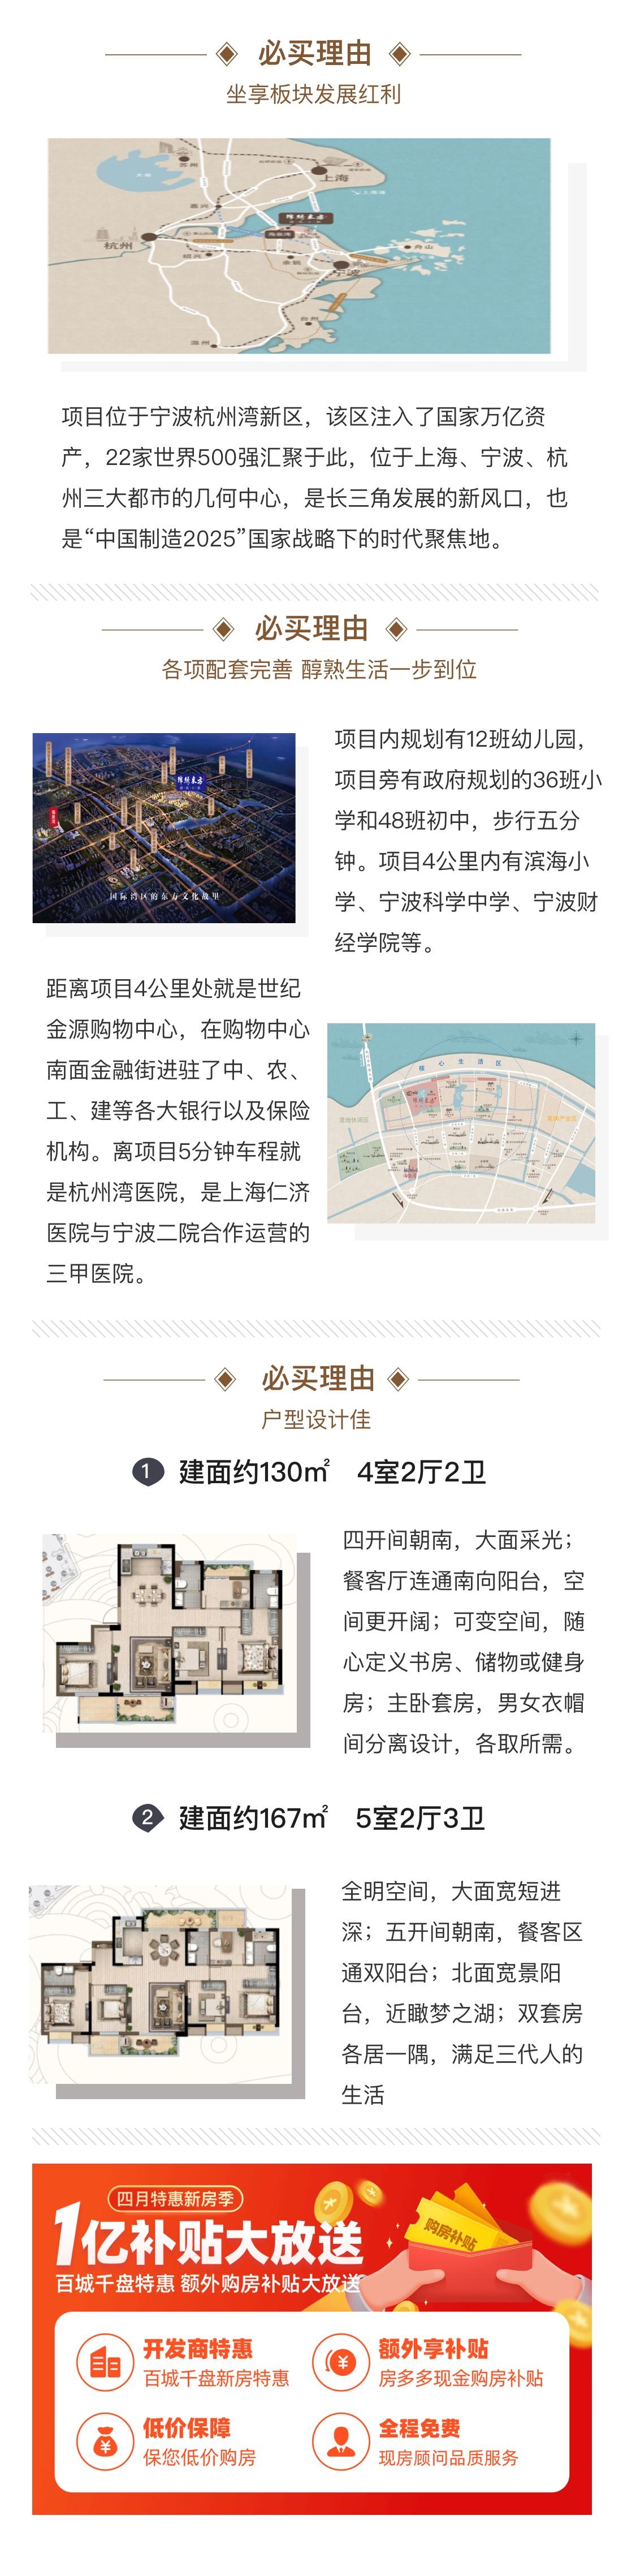 锦绣东方国风小镇